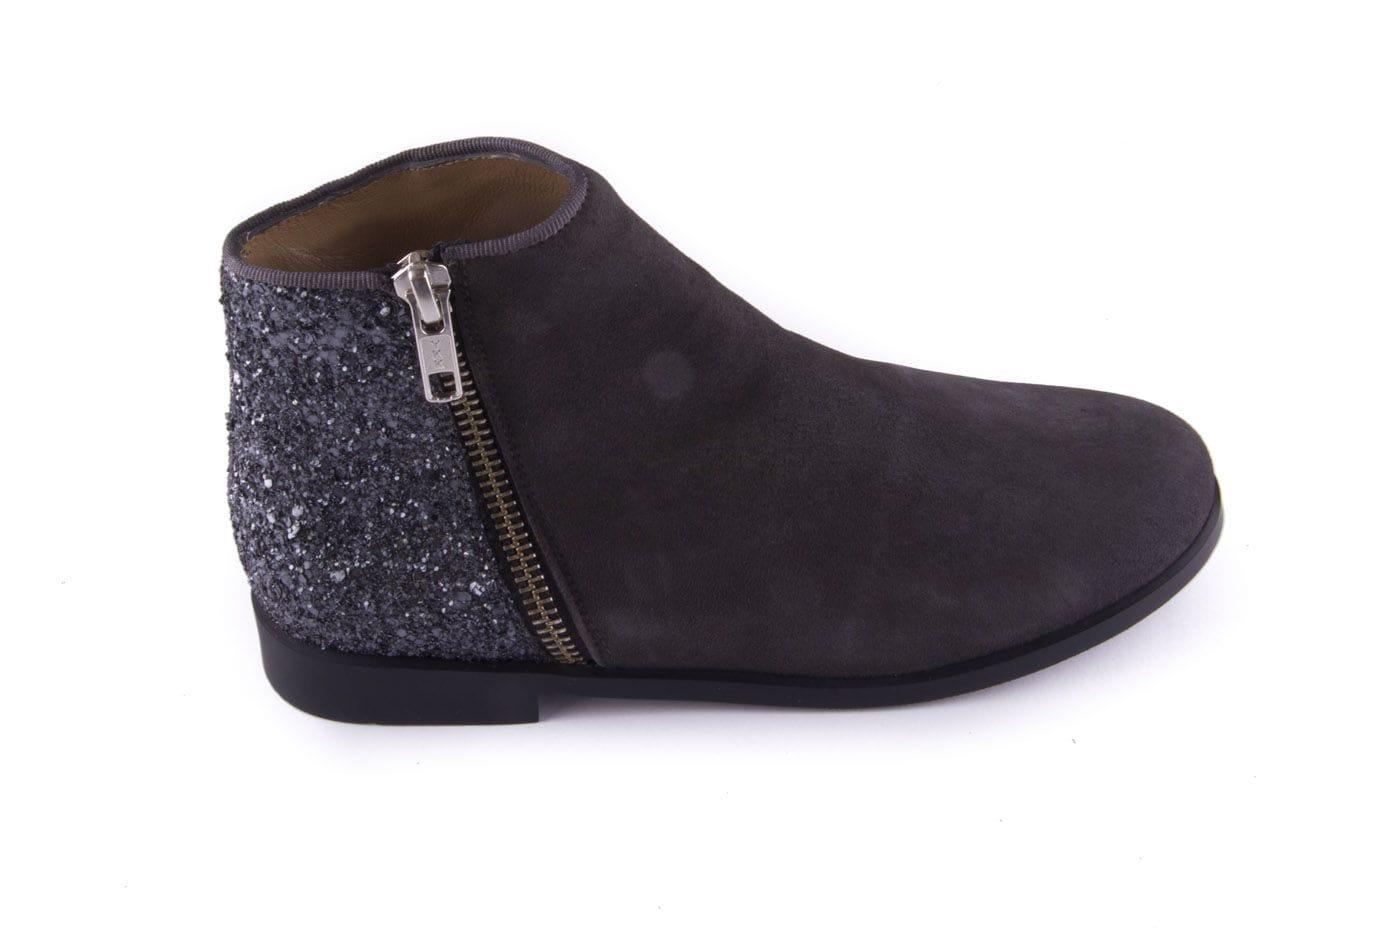 447867de Comprar zapato tipo JOVEN NIÑA estilo BOTINES-BOTA ALTA COLOR GRIS ...